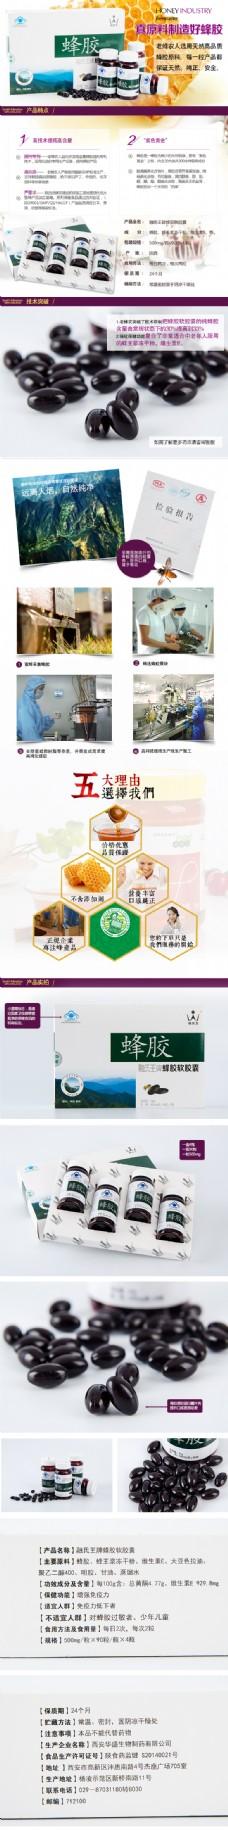 淘宝天猫蜂胶蜂产品详情页